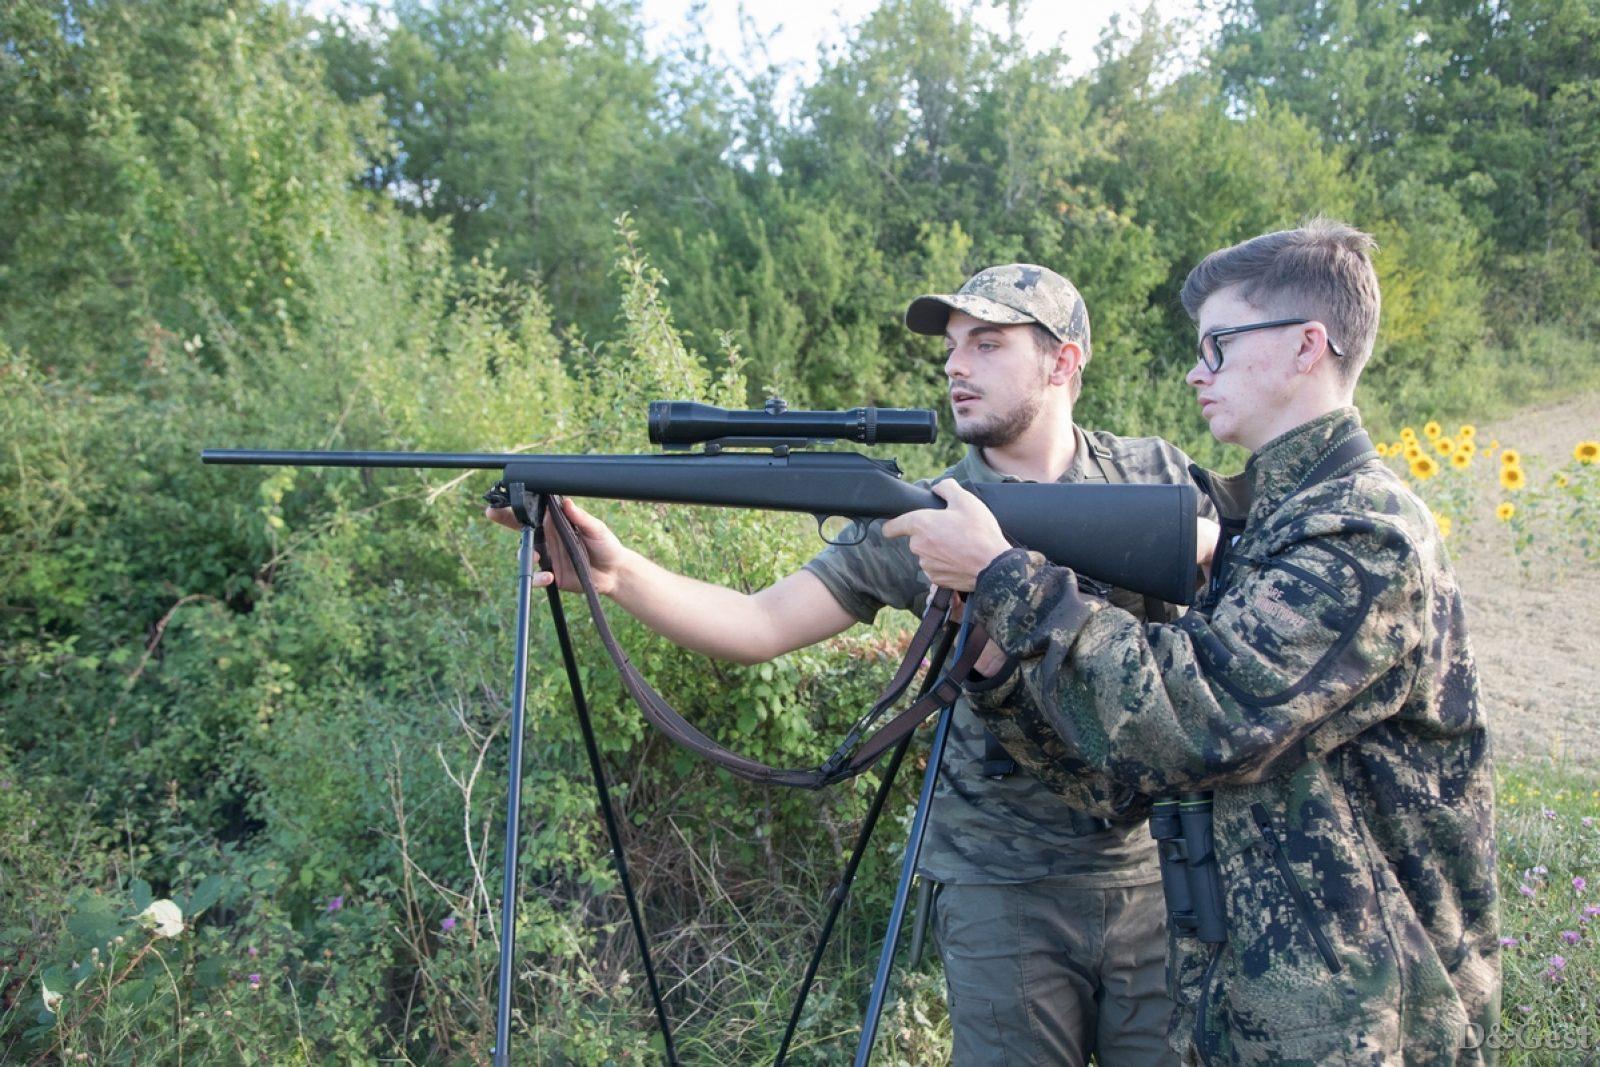 jeune chasseur en chasse accompagnée